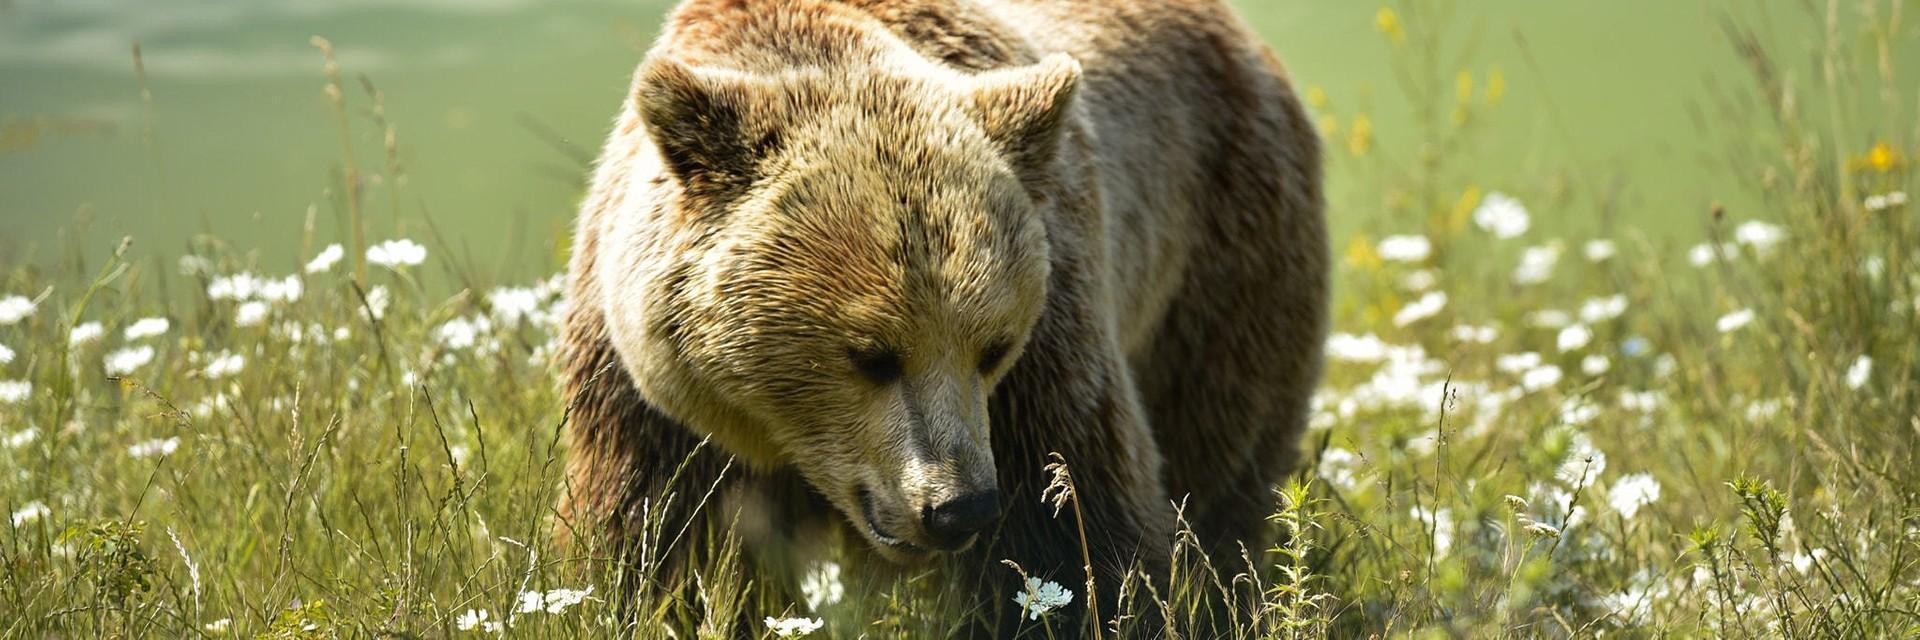 Bear Mira at BEAR SANCTUARY Pristhina, Kosovo